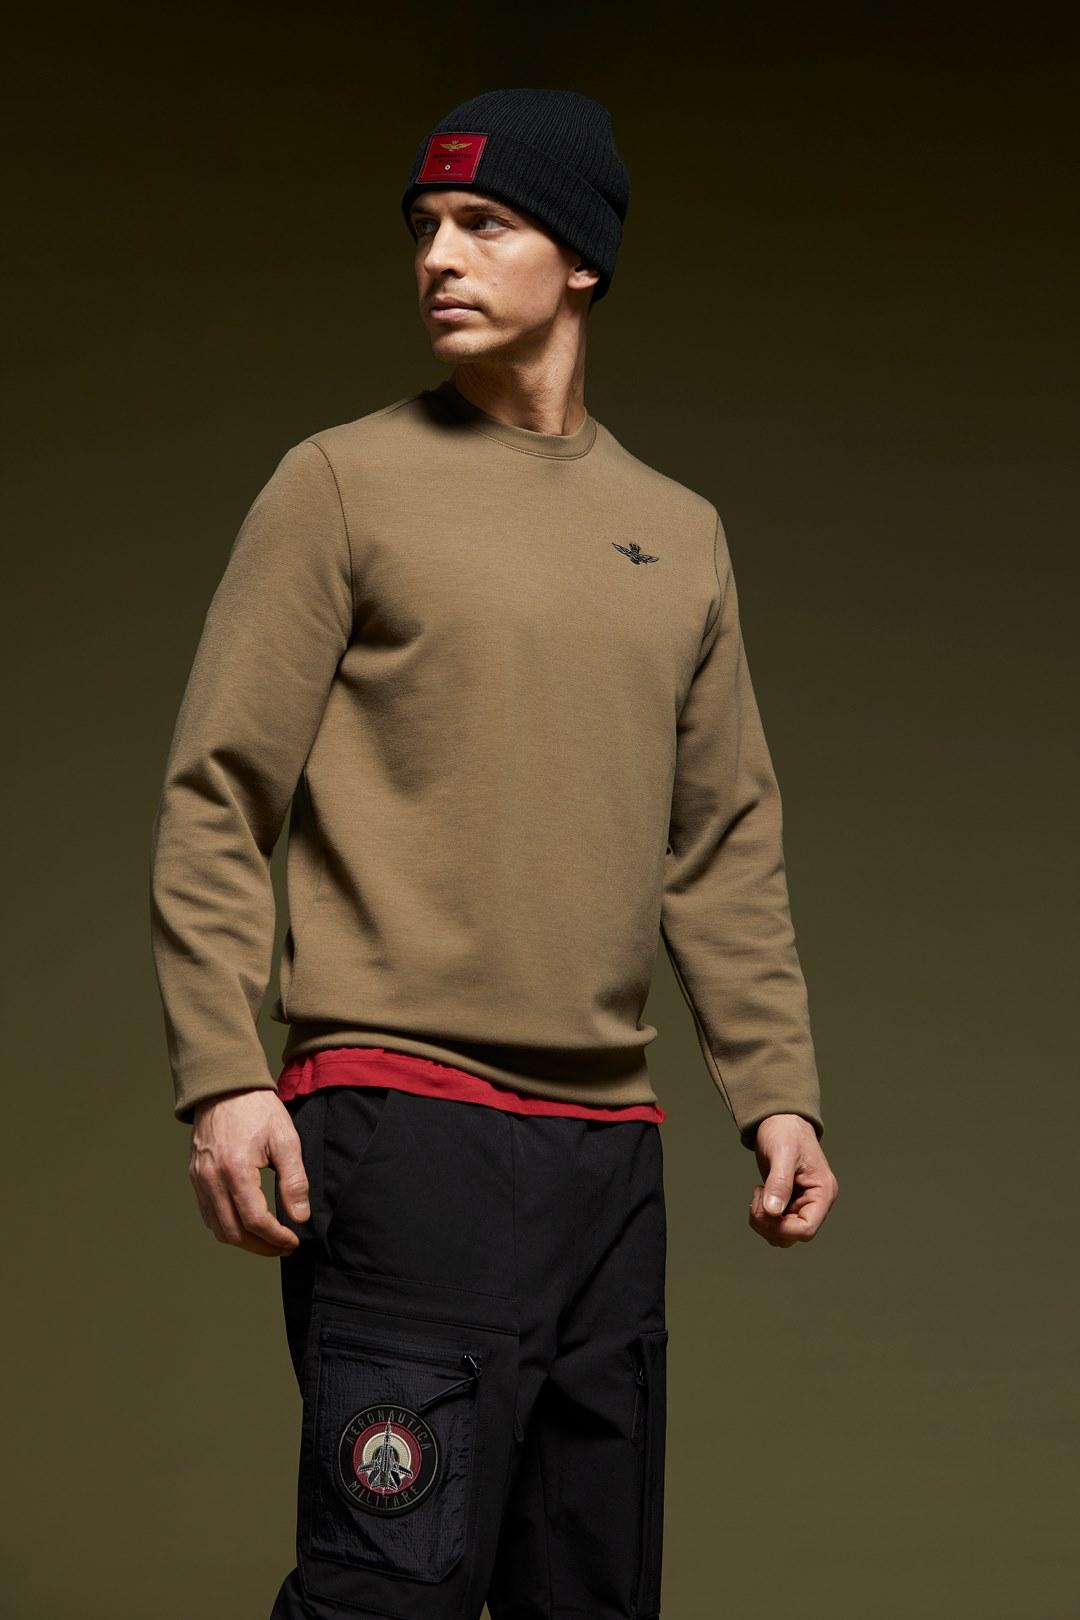 Sweatshirt aus Interlock                 4